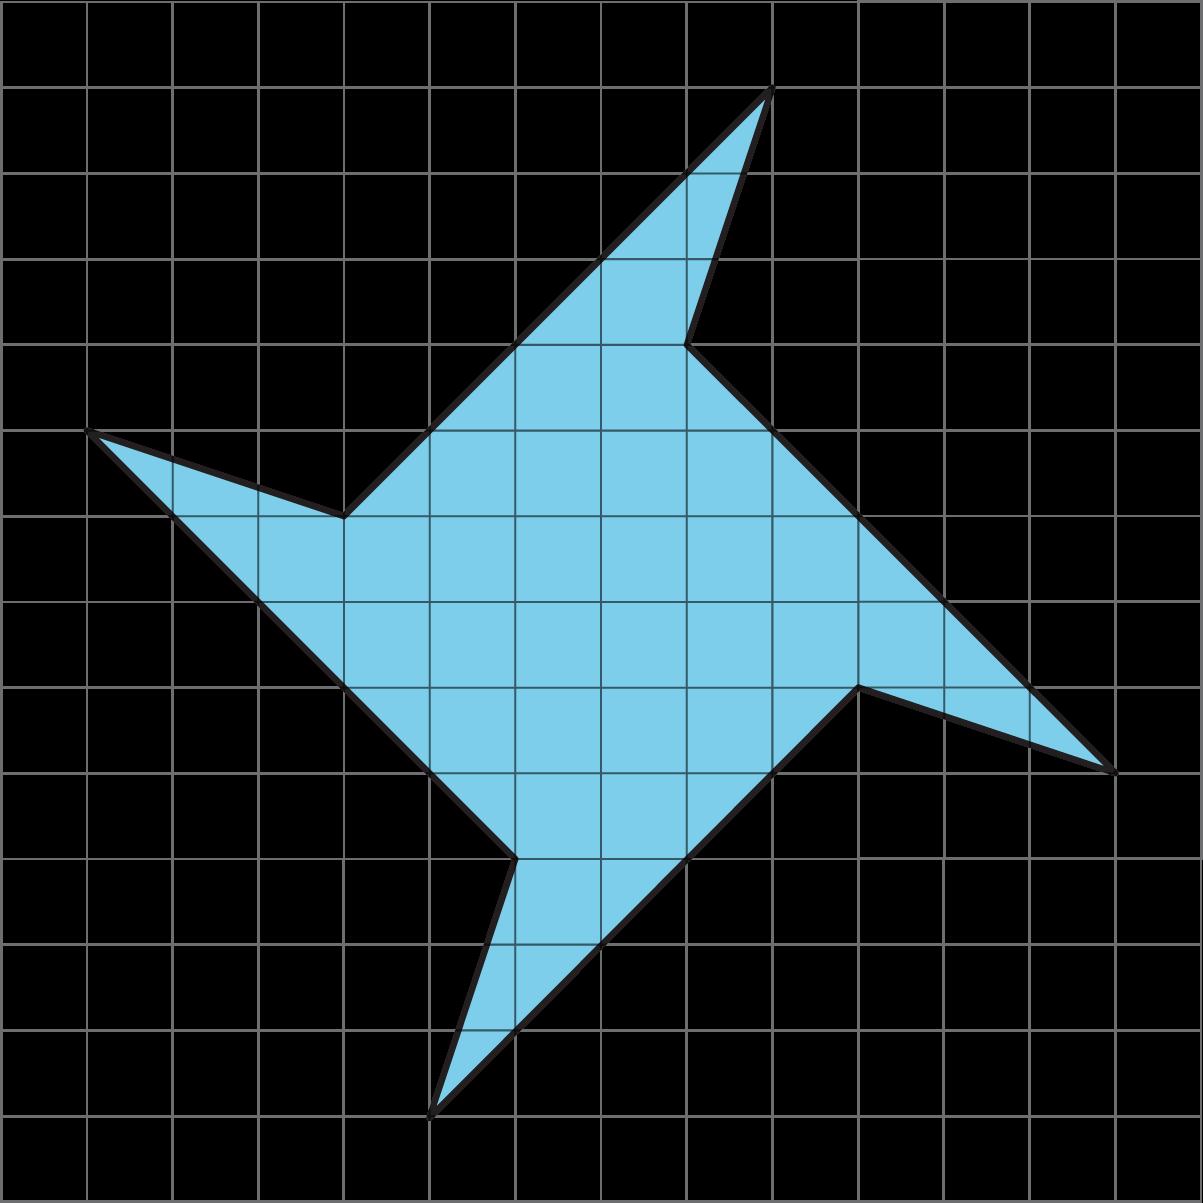 A shaded polygon on a grid.